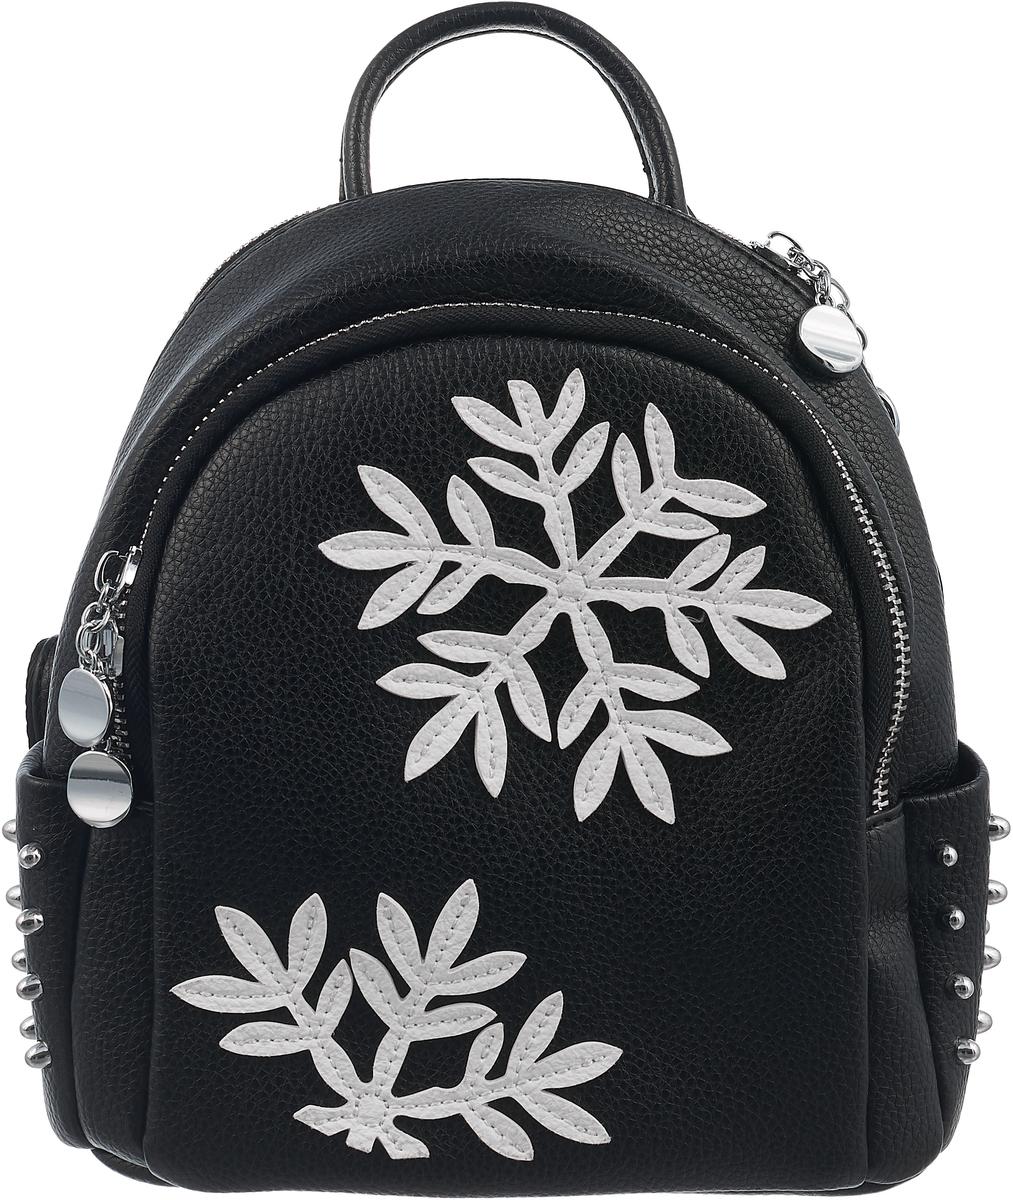 Рюкзак женский DDA, цвет: черный. DDA LB-2013BK